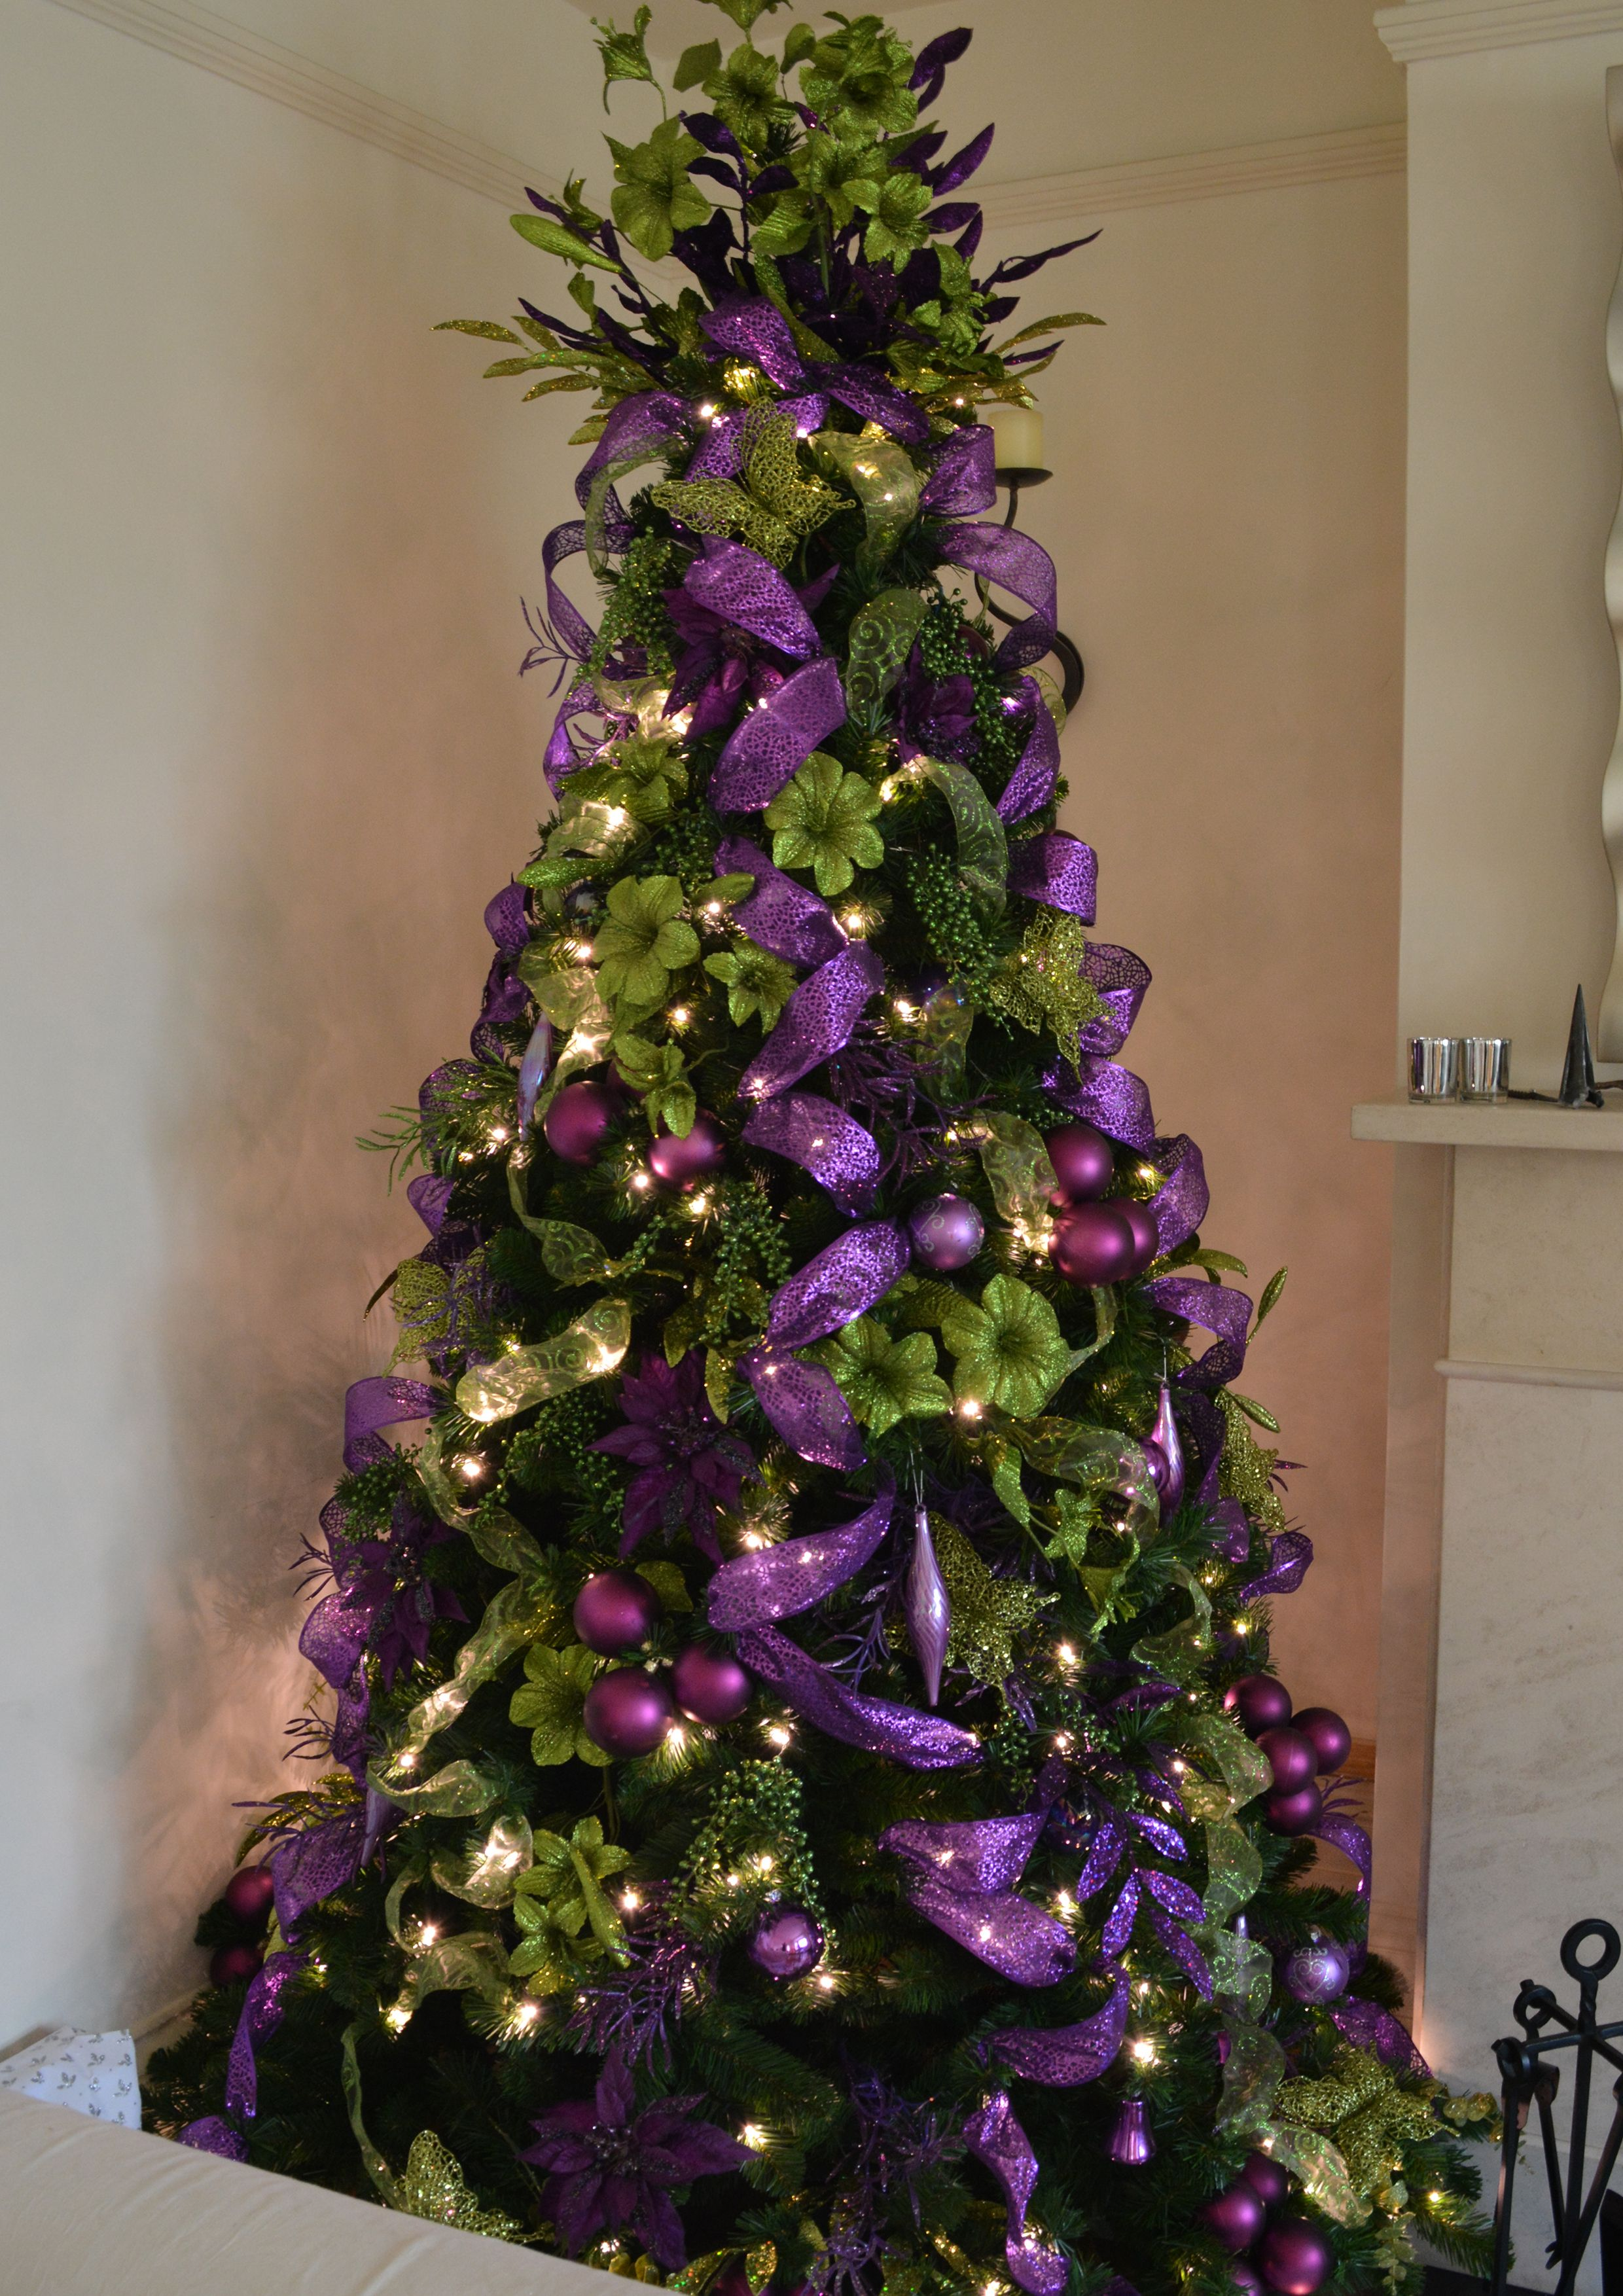 Purple and Green Christmas Tree: Christmas Decorators ...  Christmas Trees Decorated Purple